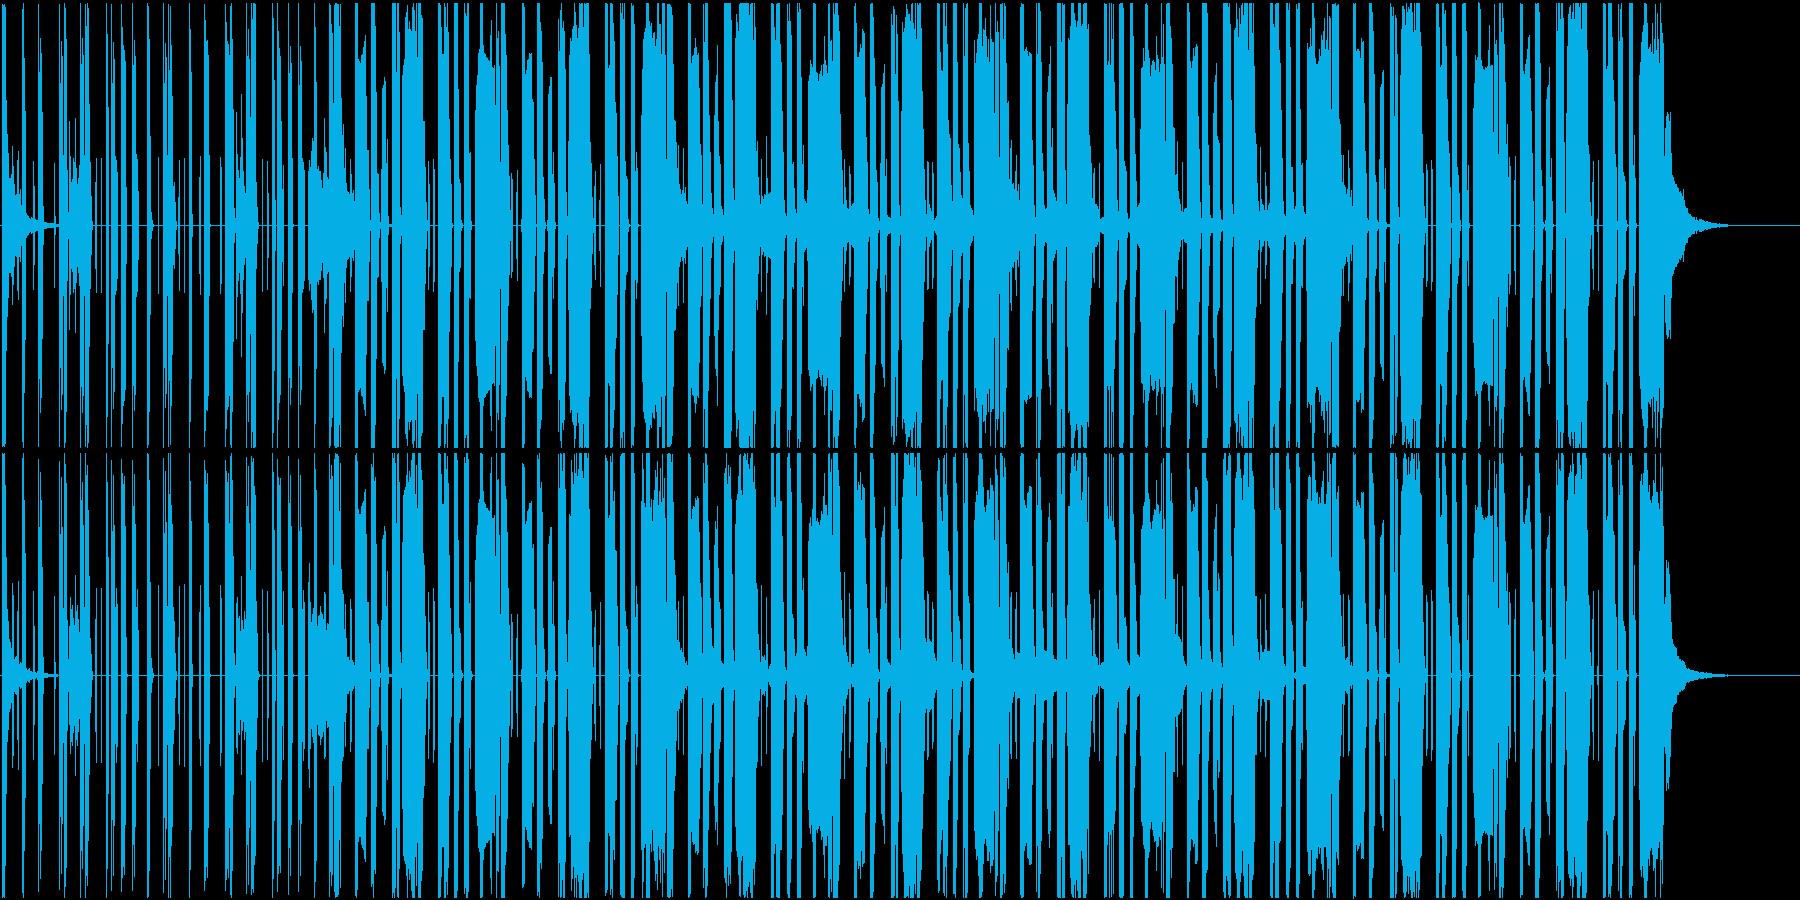 Lofiな雰囲気のhiphop系楽曲の再生済みの波形